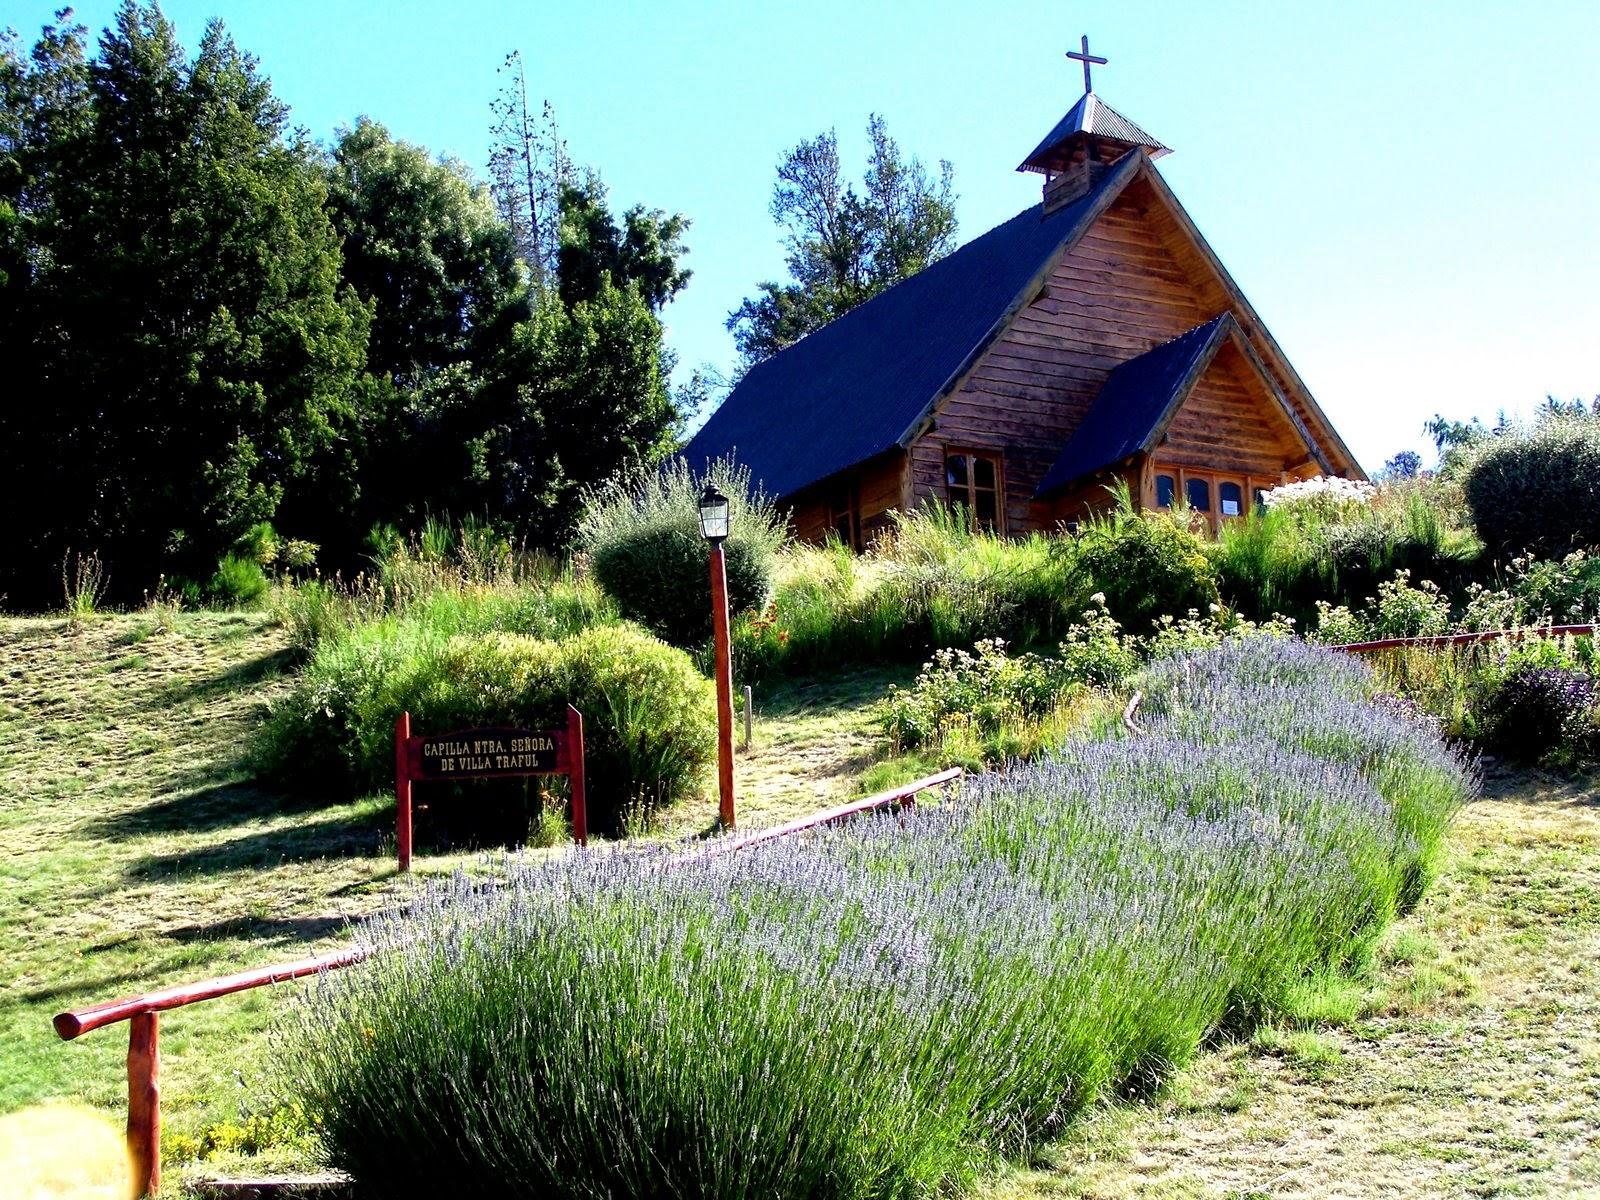 Circuito Grande Bariloche : Bariloche argentina photograph bariloche by wieslaw olejniczak on